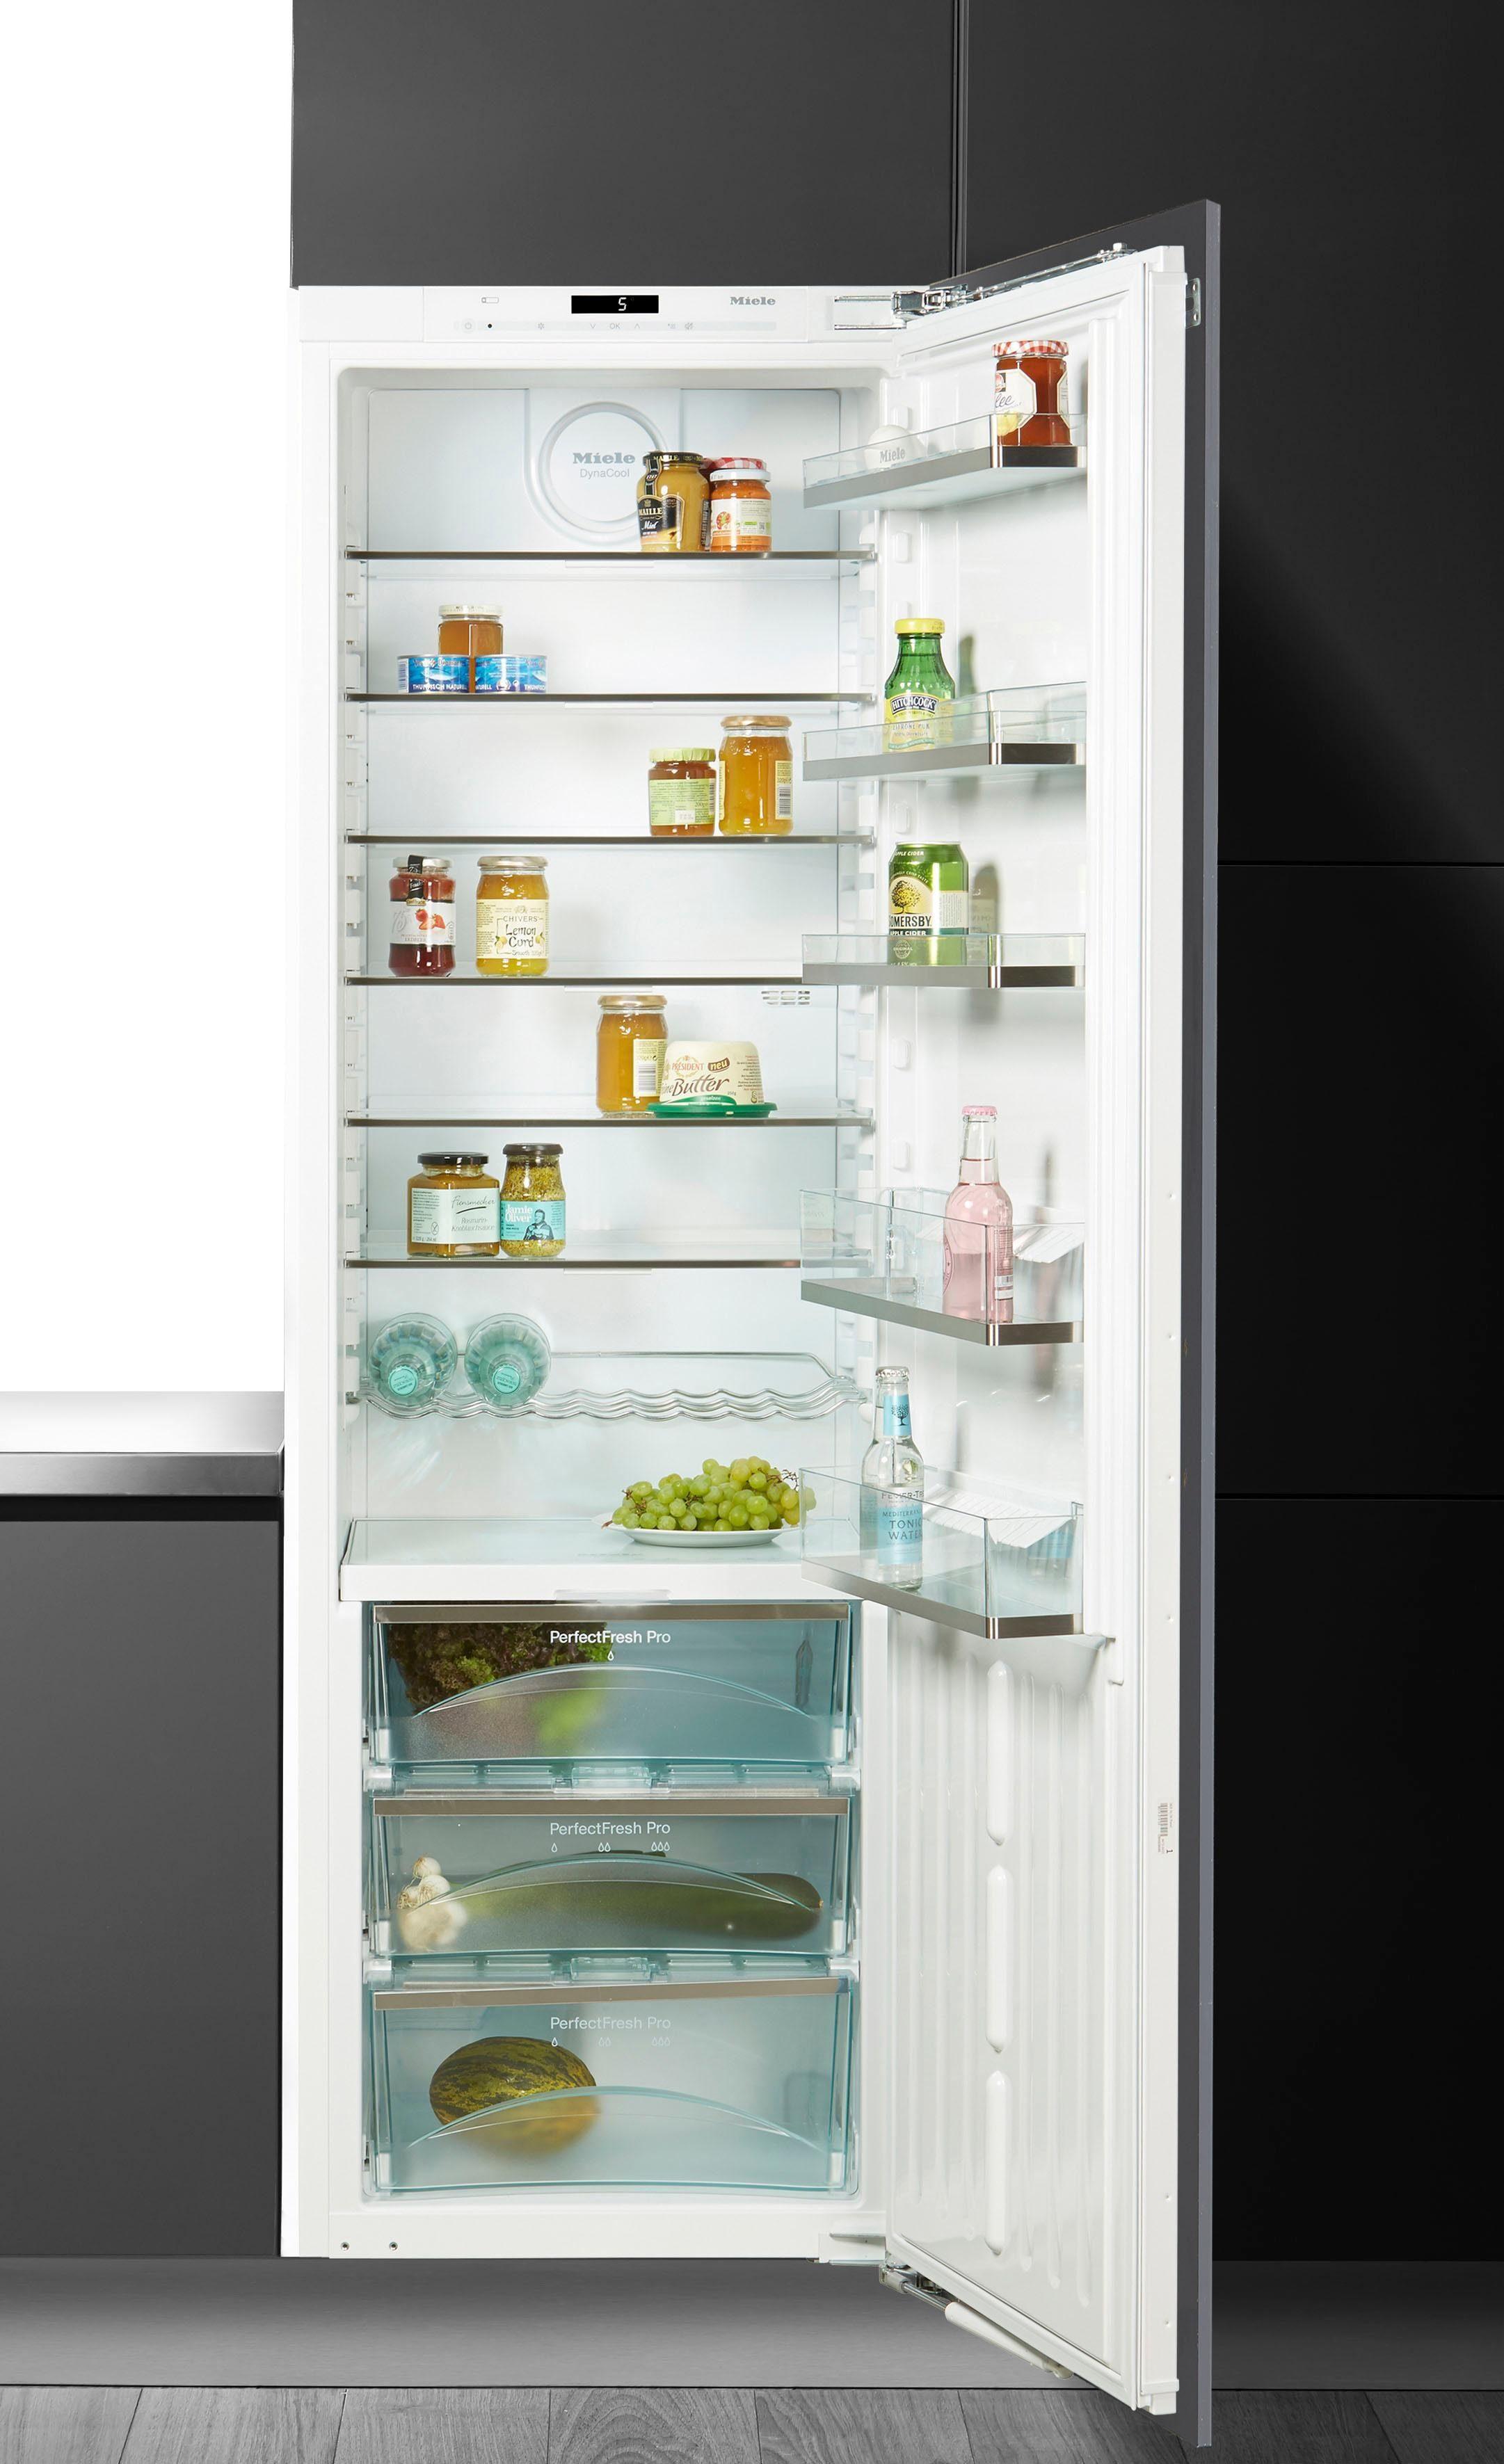 Miele Einbaukühlschrank K 37673 iD, 177 cm hoch, 55,9 cm breit